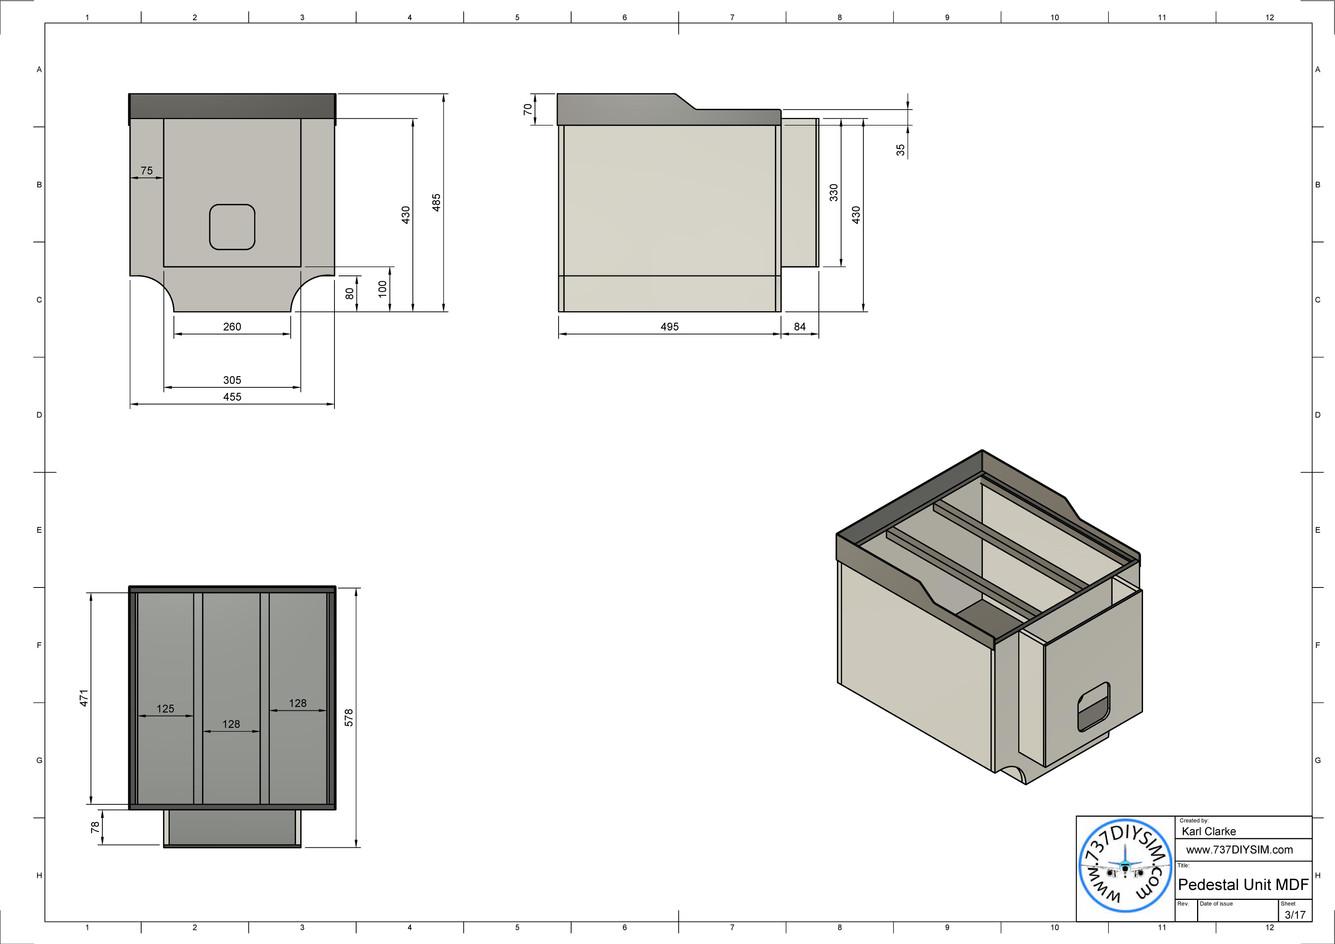 Pedestal Unit MDF Drawing v2-page-003.jp